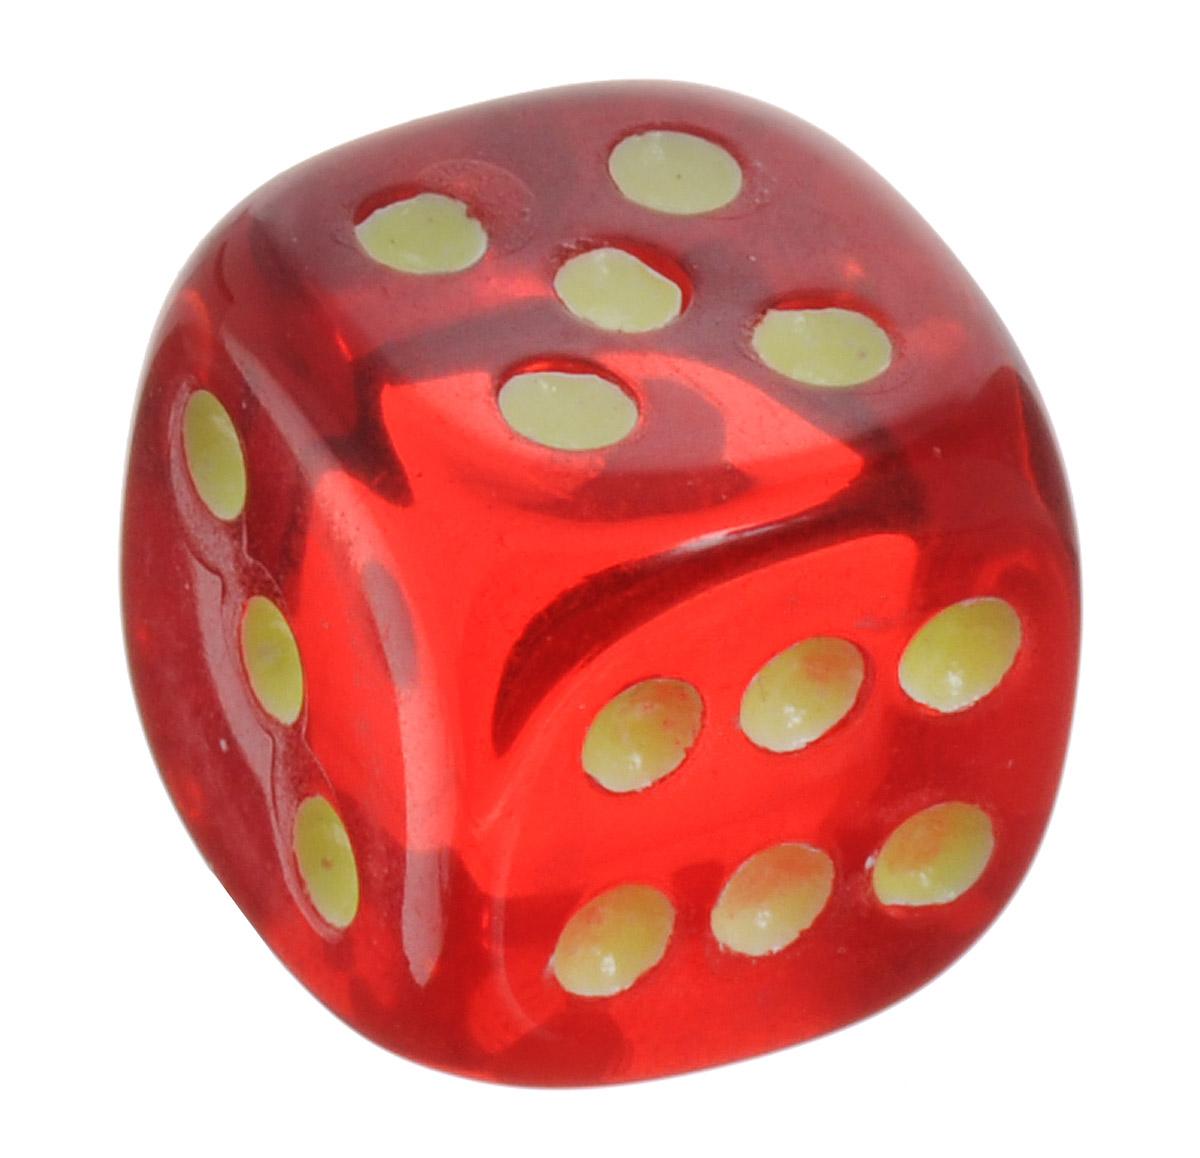 Koplow Games Кость игральная D6 Свет цвет красный5163_красныйИгральная кость Koplow Games Свет предназначена для настольных игр. Игральная кость представляет собой кубик из прозрачного красного пластика, на каждую грань которого нанесены точки от 1 до 6. Целью кубика является демонстрация случайно определенного целого числа от одного до шести, каждое из которых является равновозможным благодаря правильной геометрической форме. Не рекомендуется детям до трех лет.